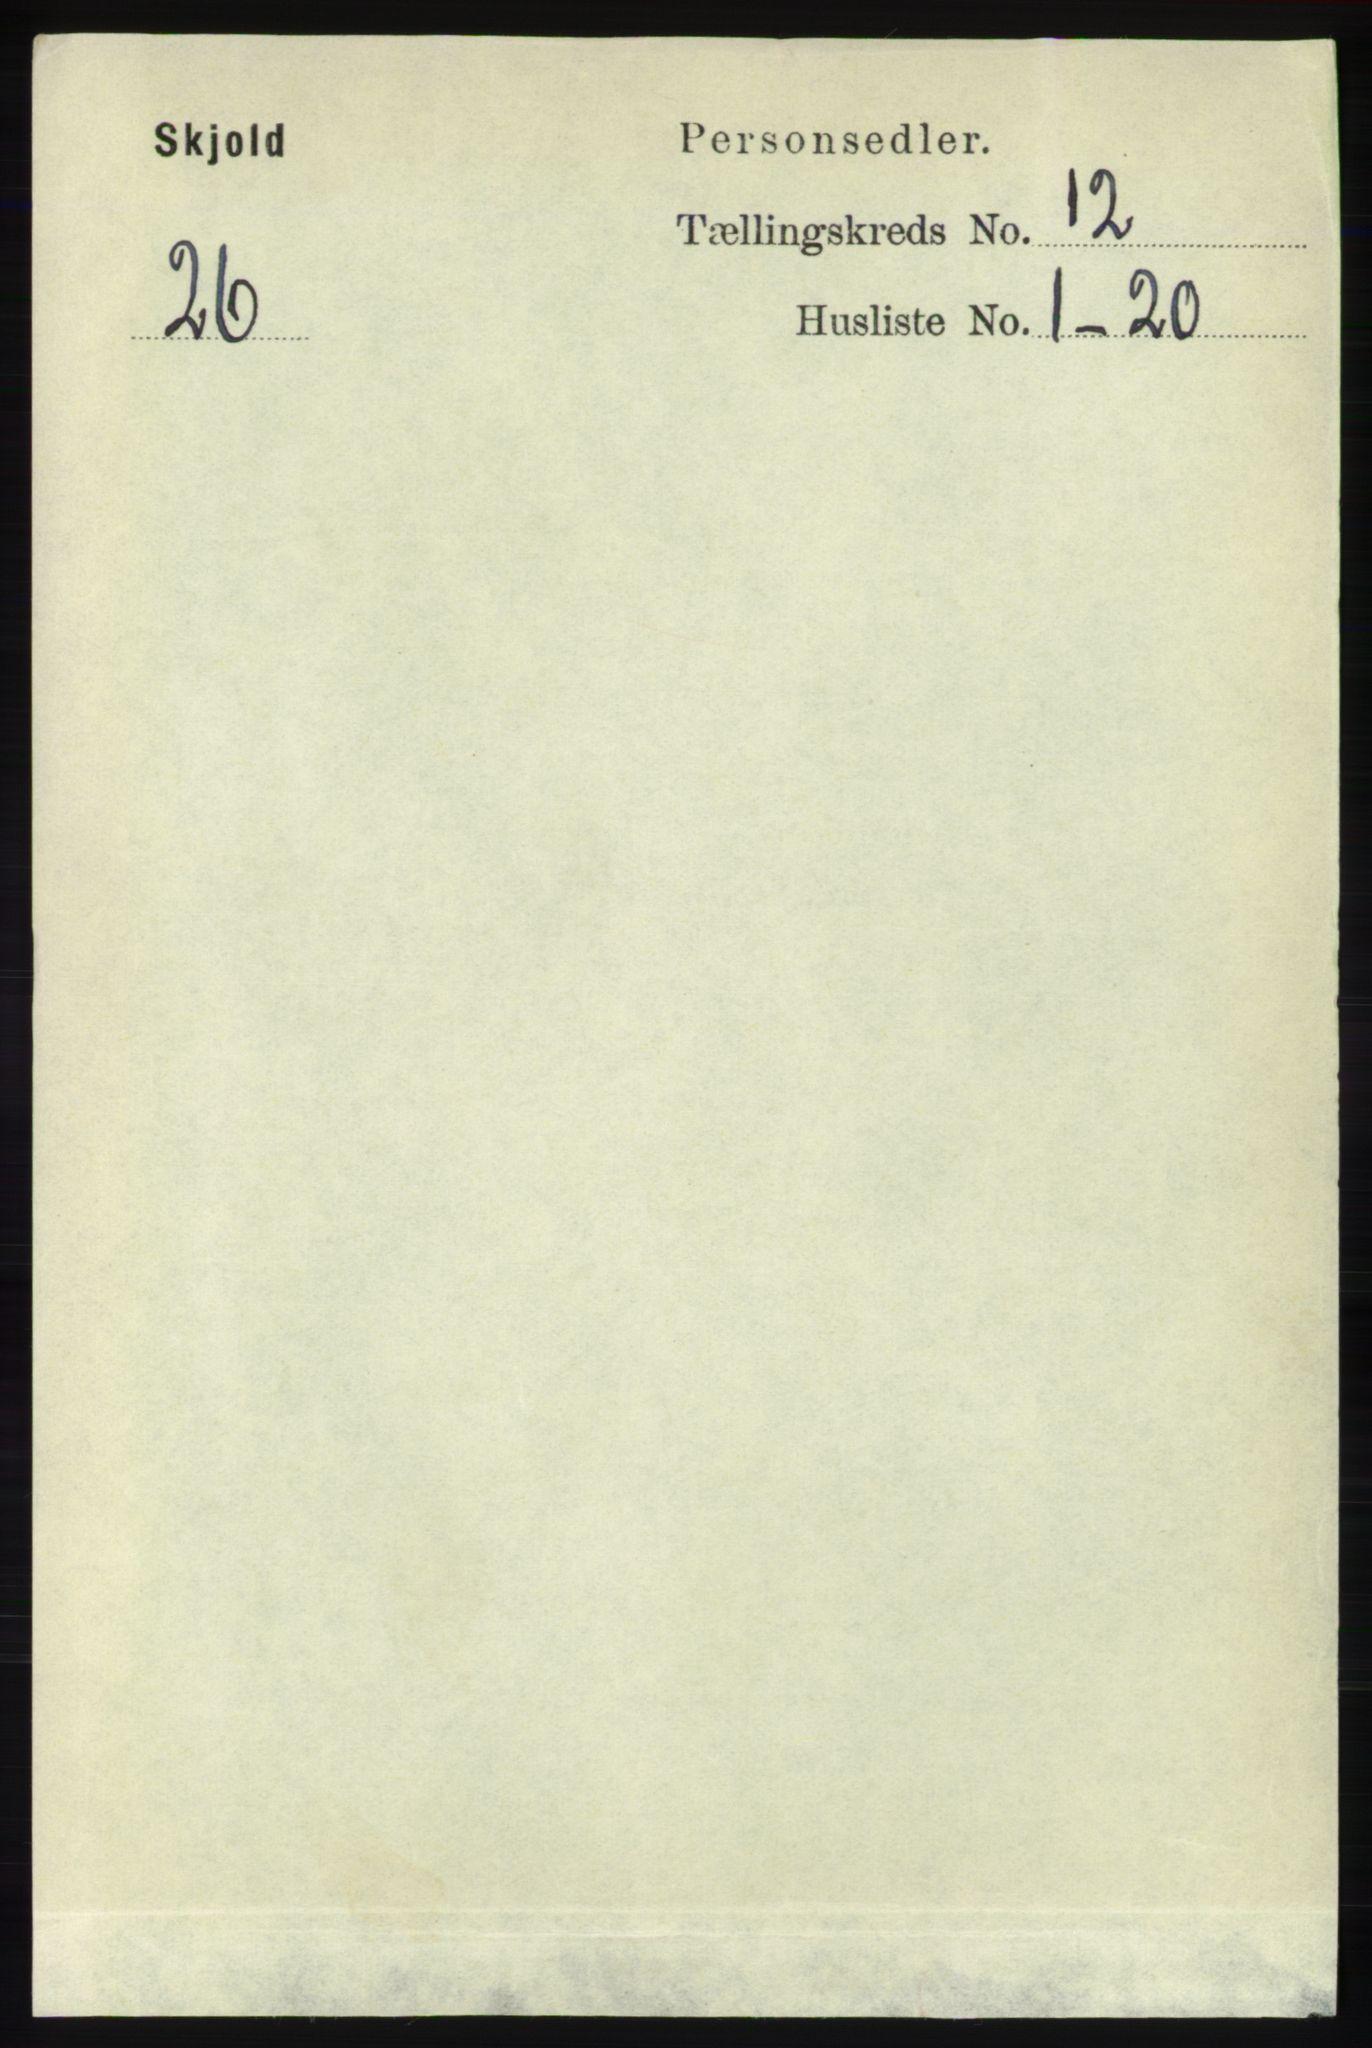 RA, Folketelling 1891 for 1154 Skjold herred, 1891, s. 2250